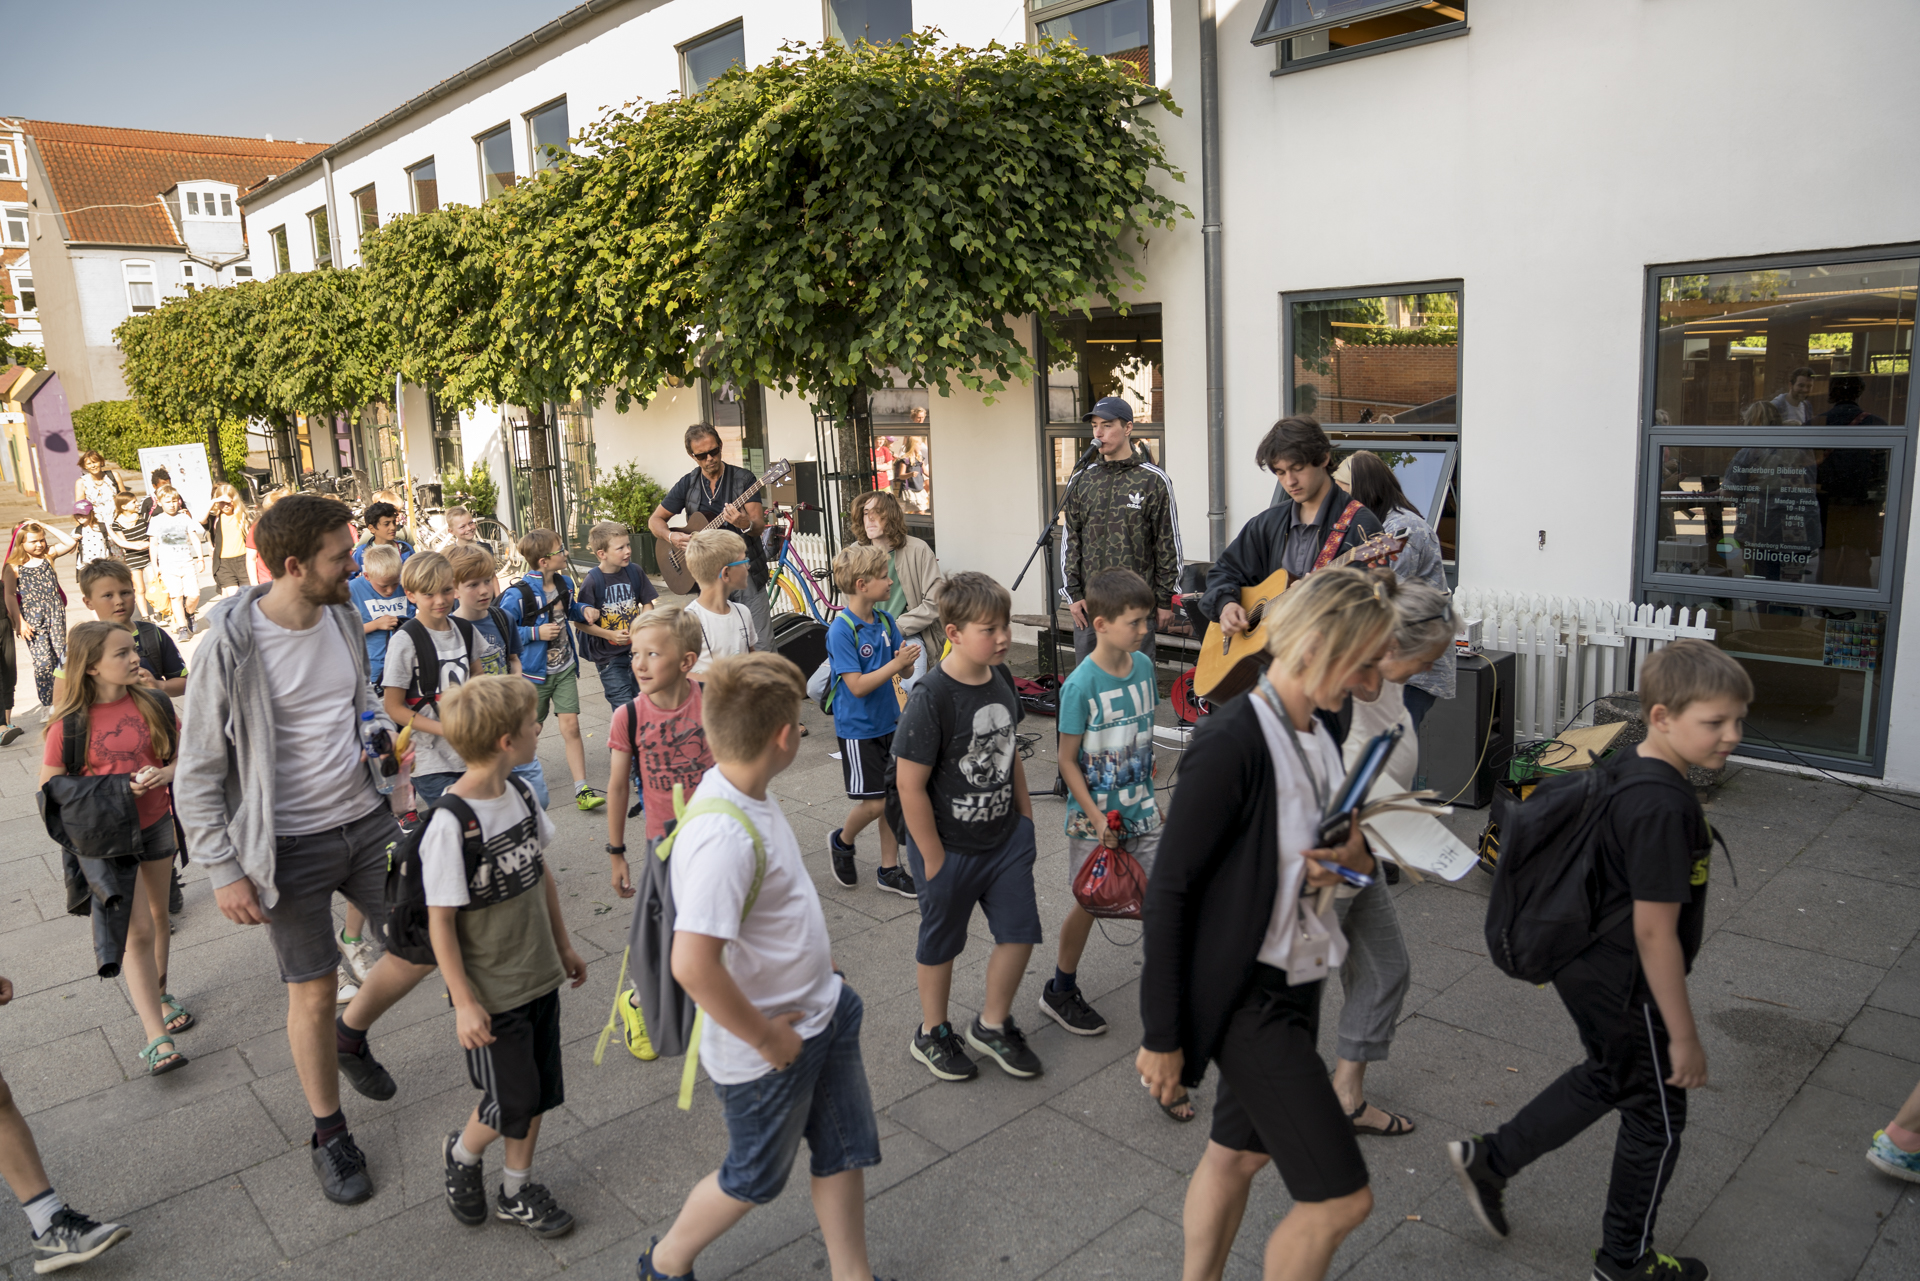 Sløngeldage fredag - web- Fotograf Per Bille-02906.JPG